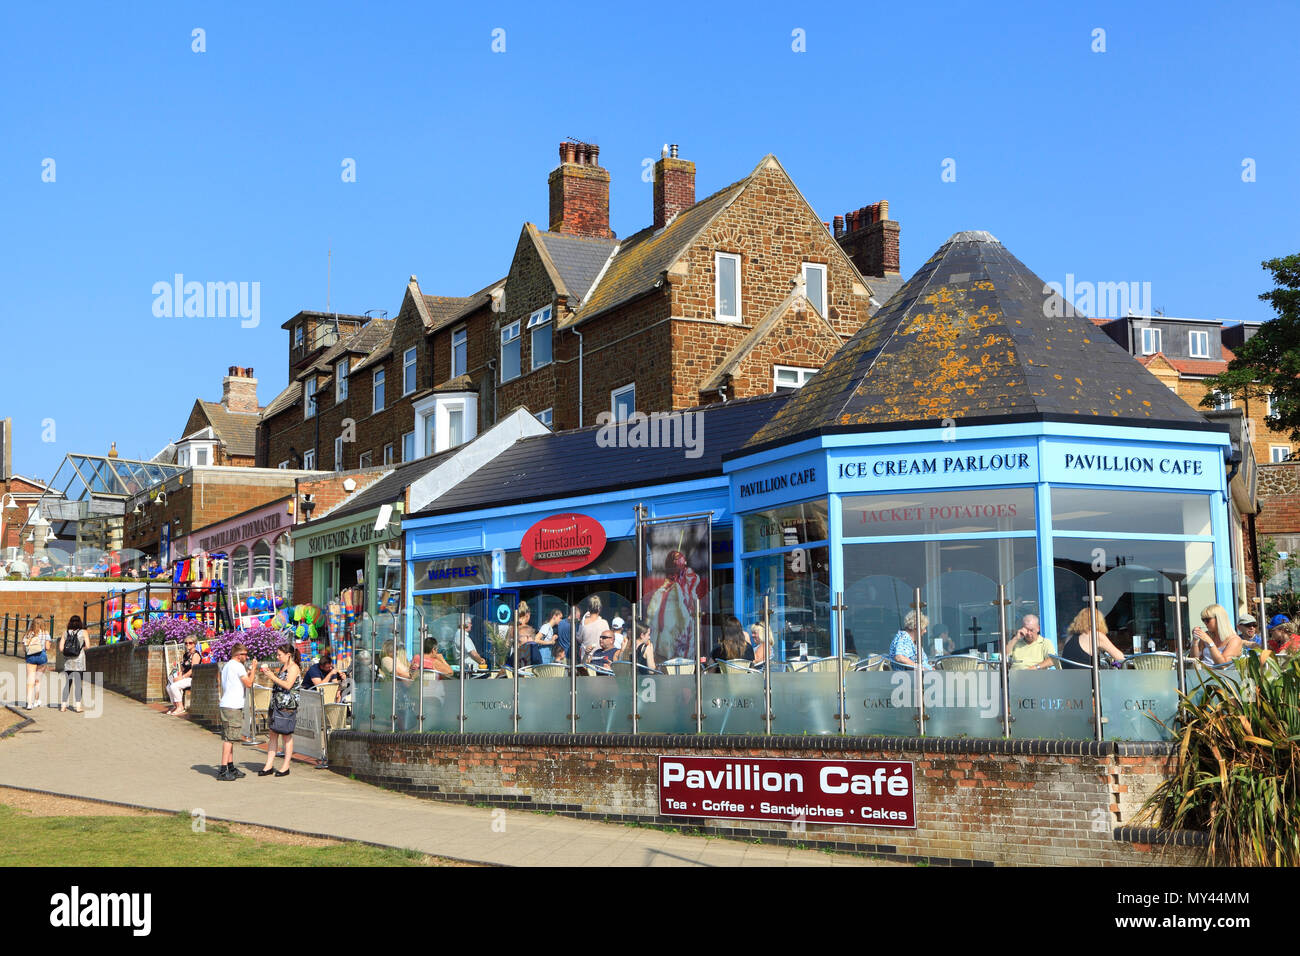 Hunstanton, shops, cafes, ice cream parlours, girt shops, seaside resort, town, Norfolk. - Stock Image